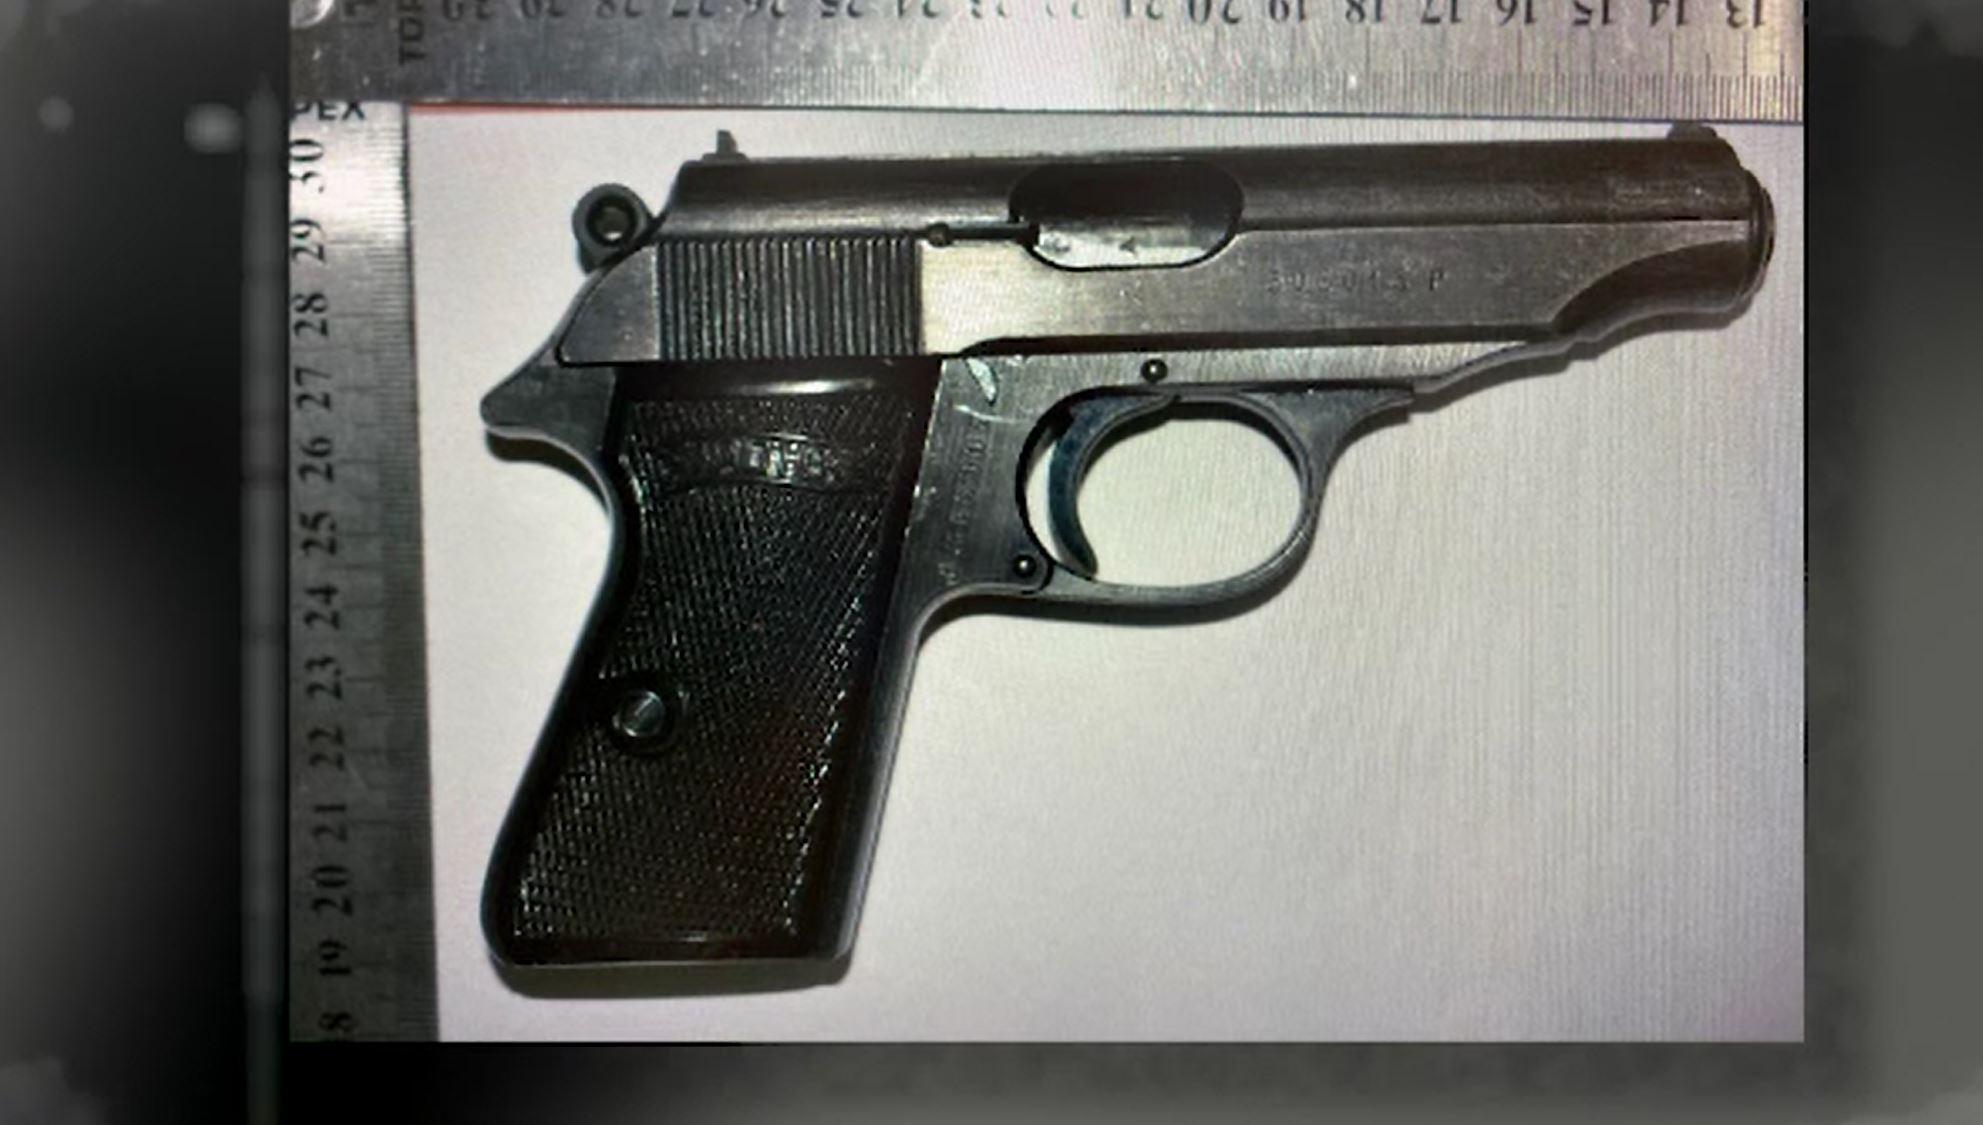 Un bărbat a fost arestat preventiv, după ce şi-a uitat pistolul în cabina de probă a unui magazin din Capitală